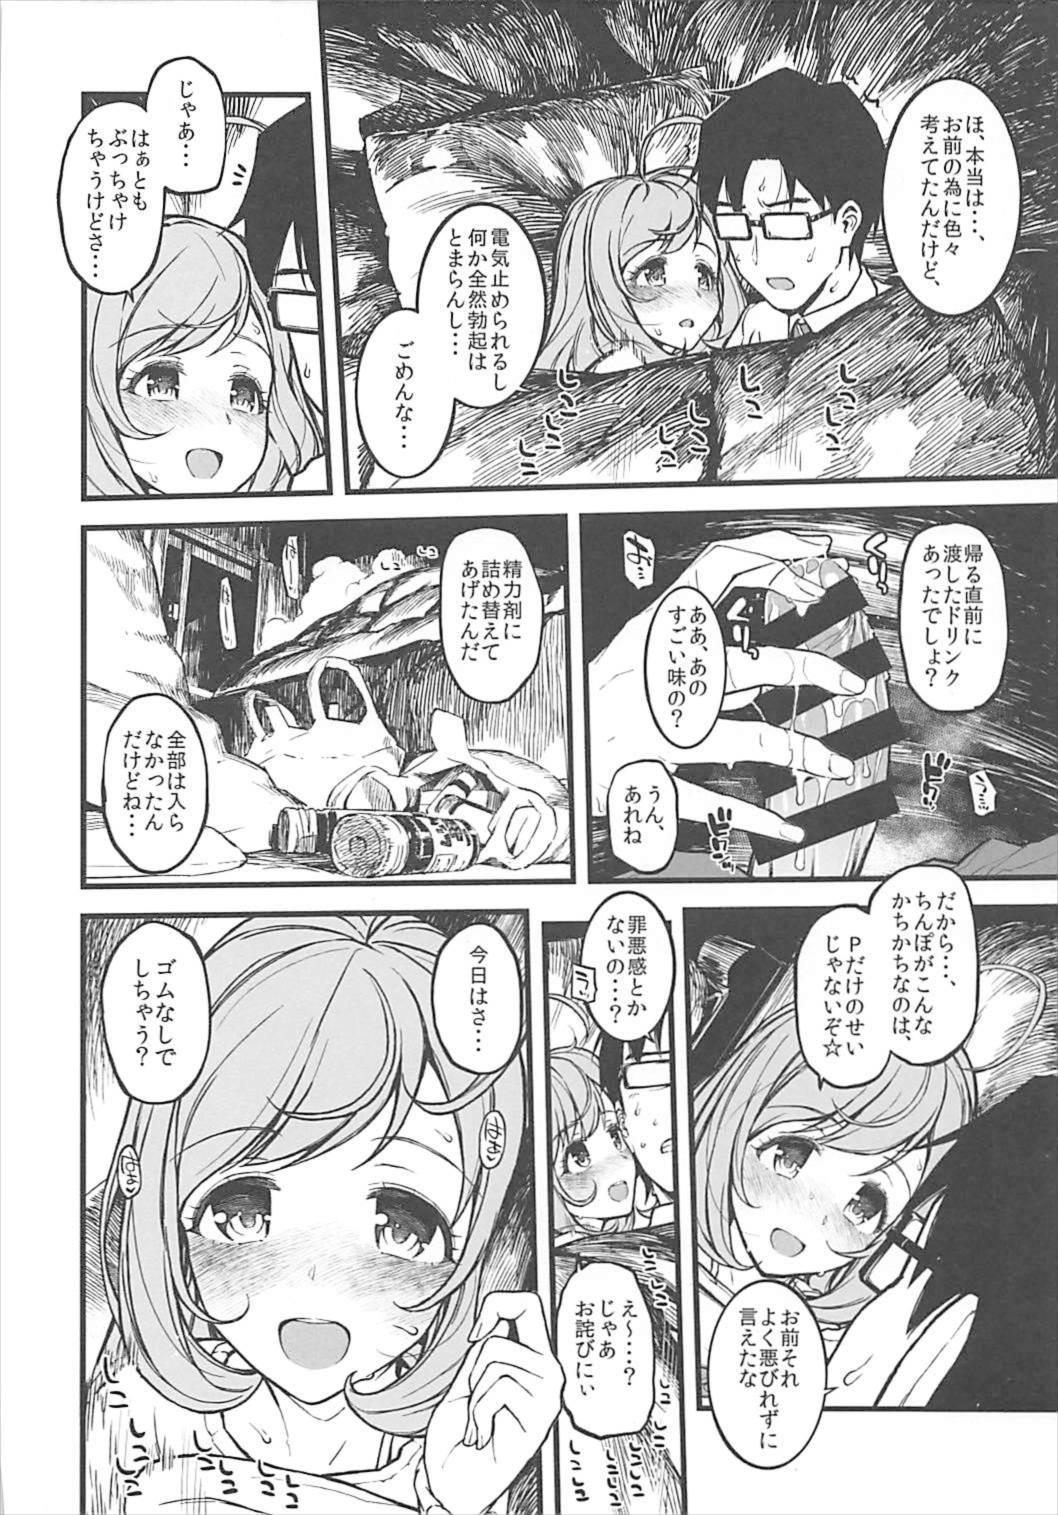 Shugaha to Mure Mure ni Naru Hon 8